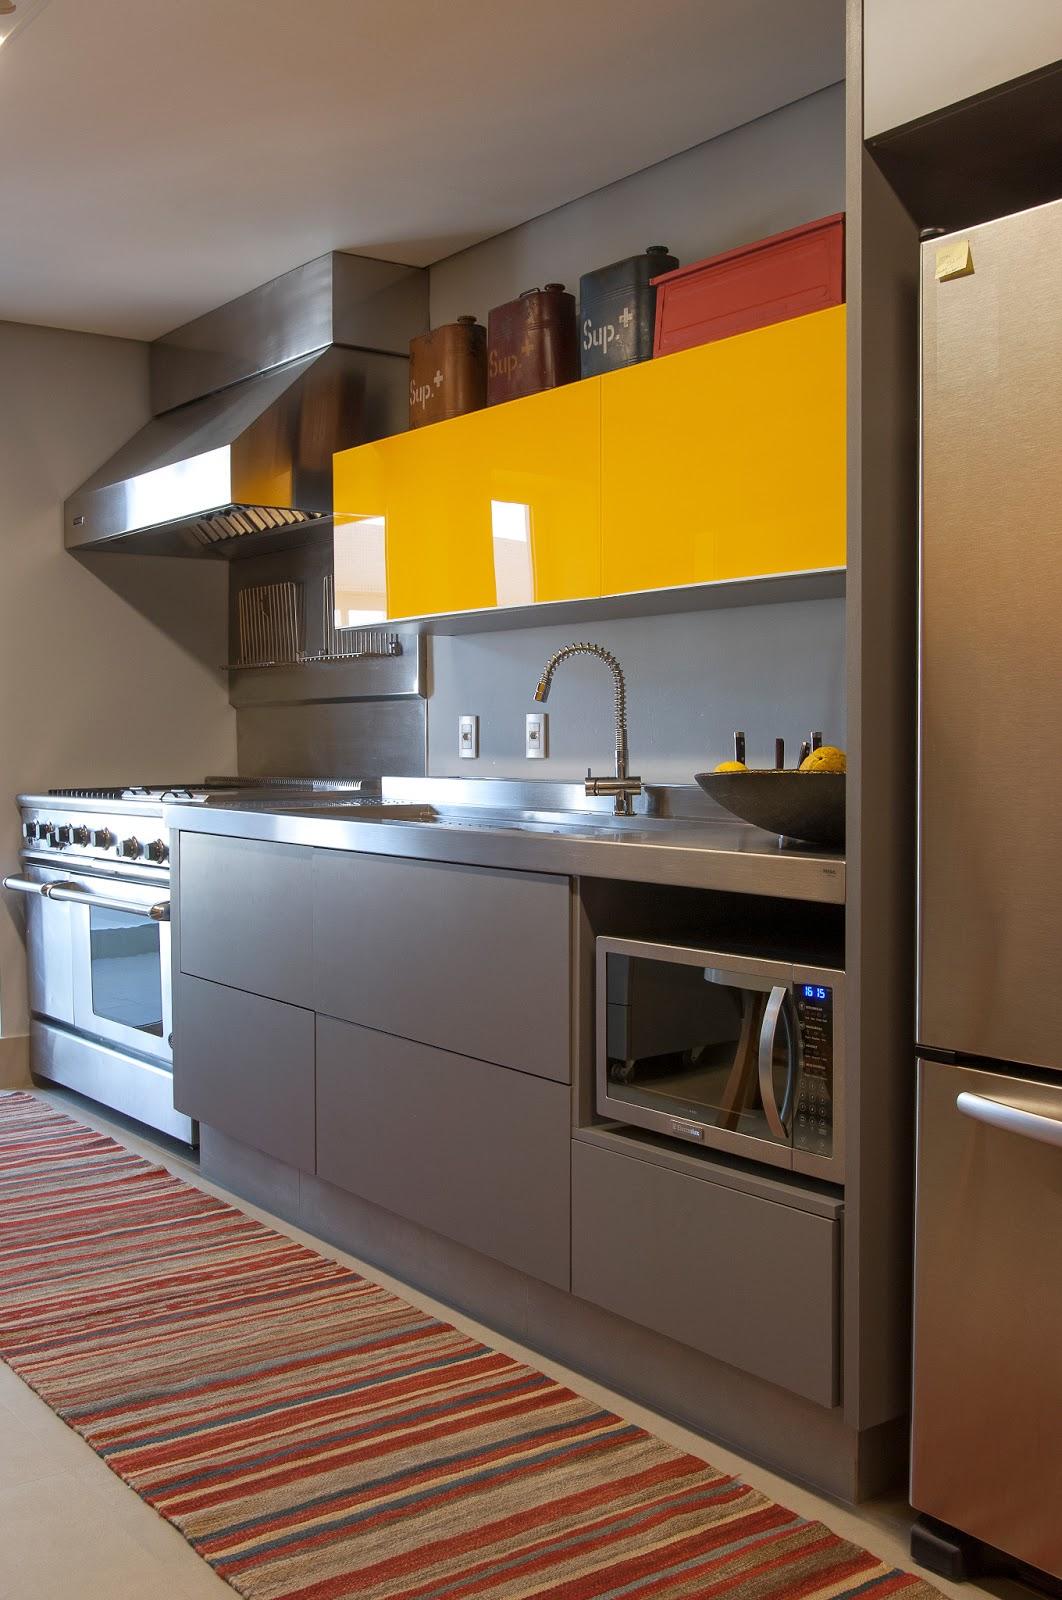 Cozinhas Planejadas Coloridas Cozinha Planejada Colorida Mdf With